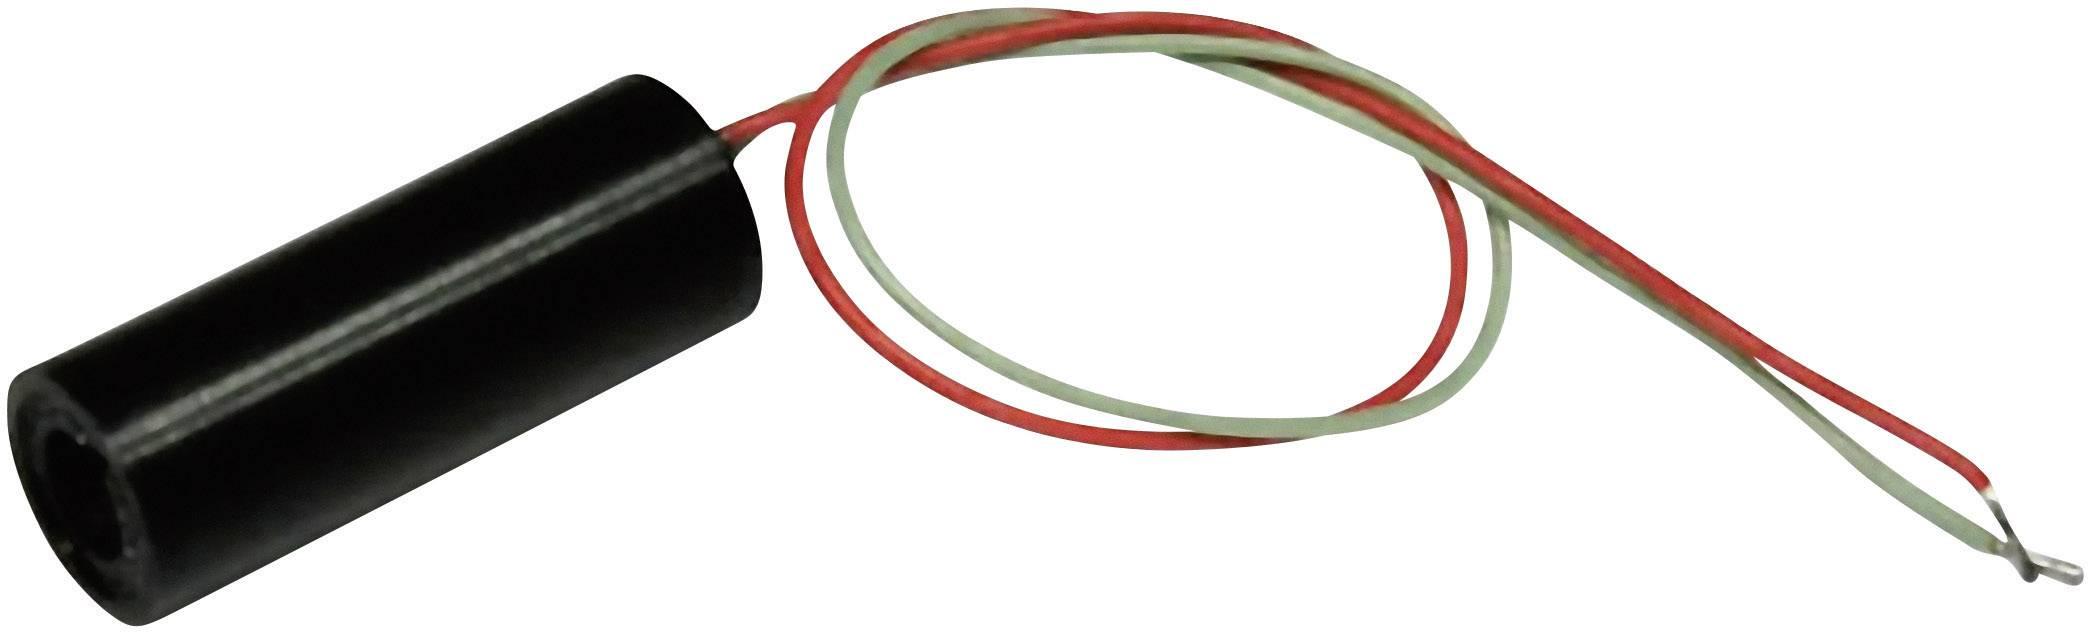 Laserový modul Picotronic 70100563, bodová, 1 mW